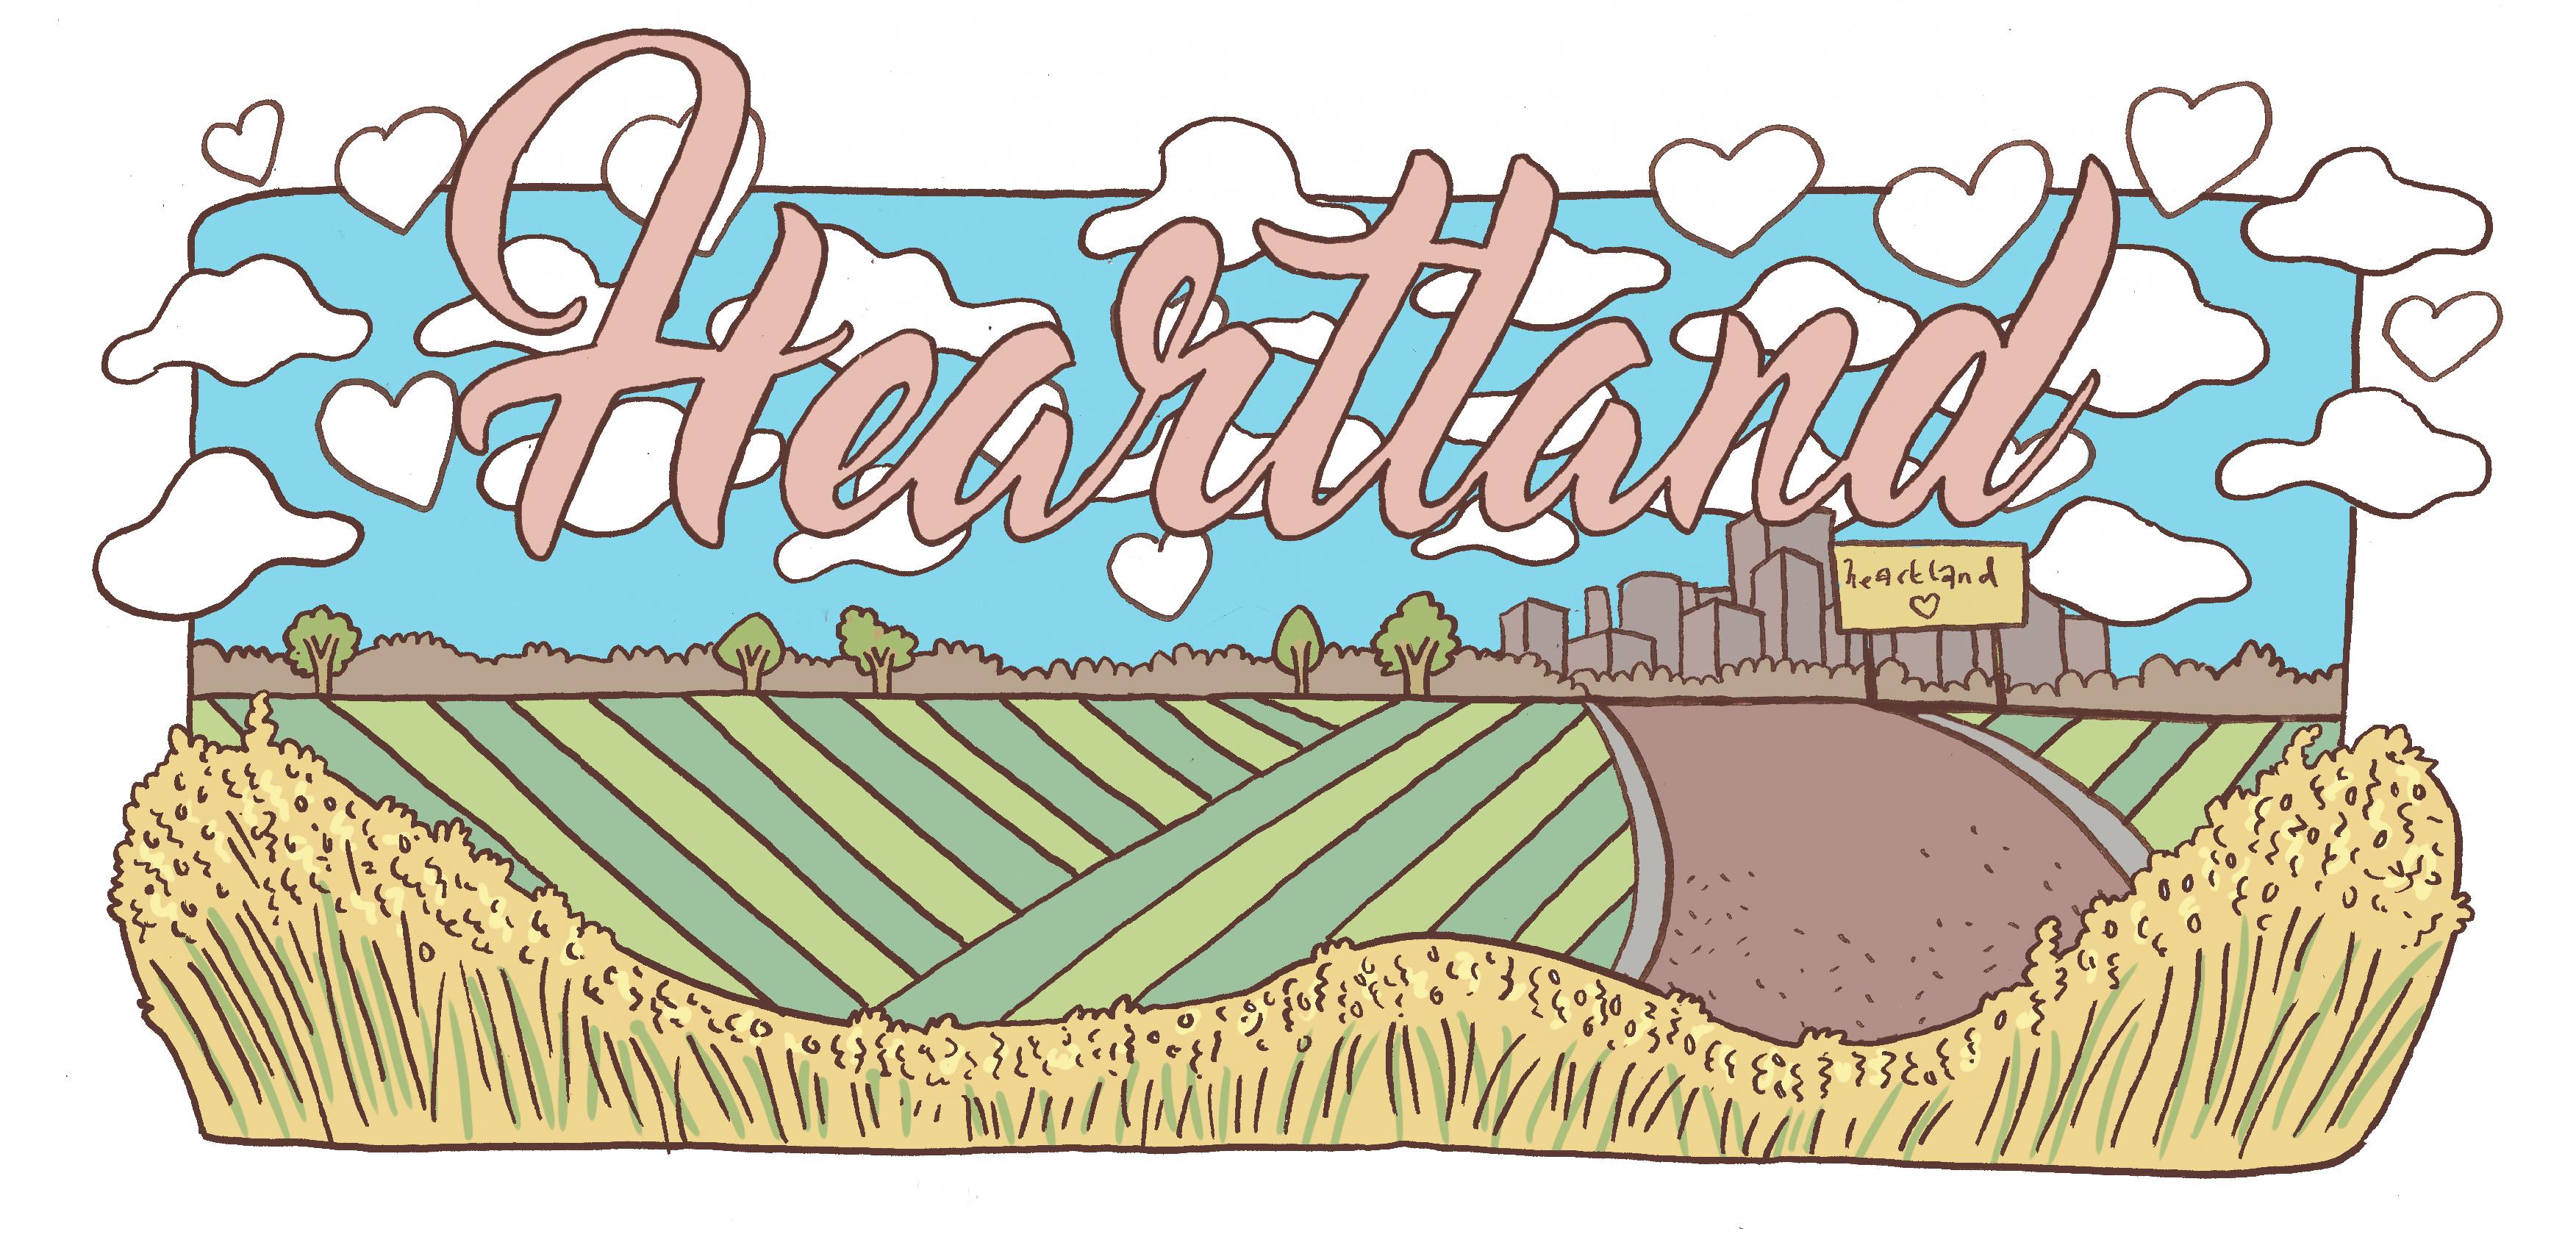 heartland_edit-3